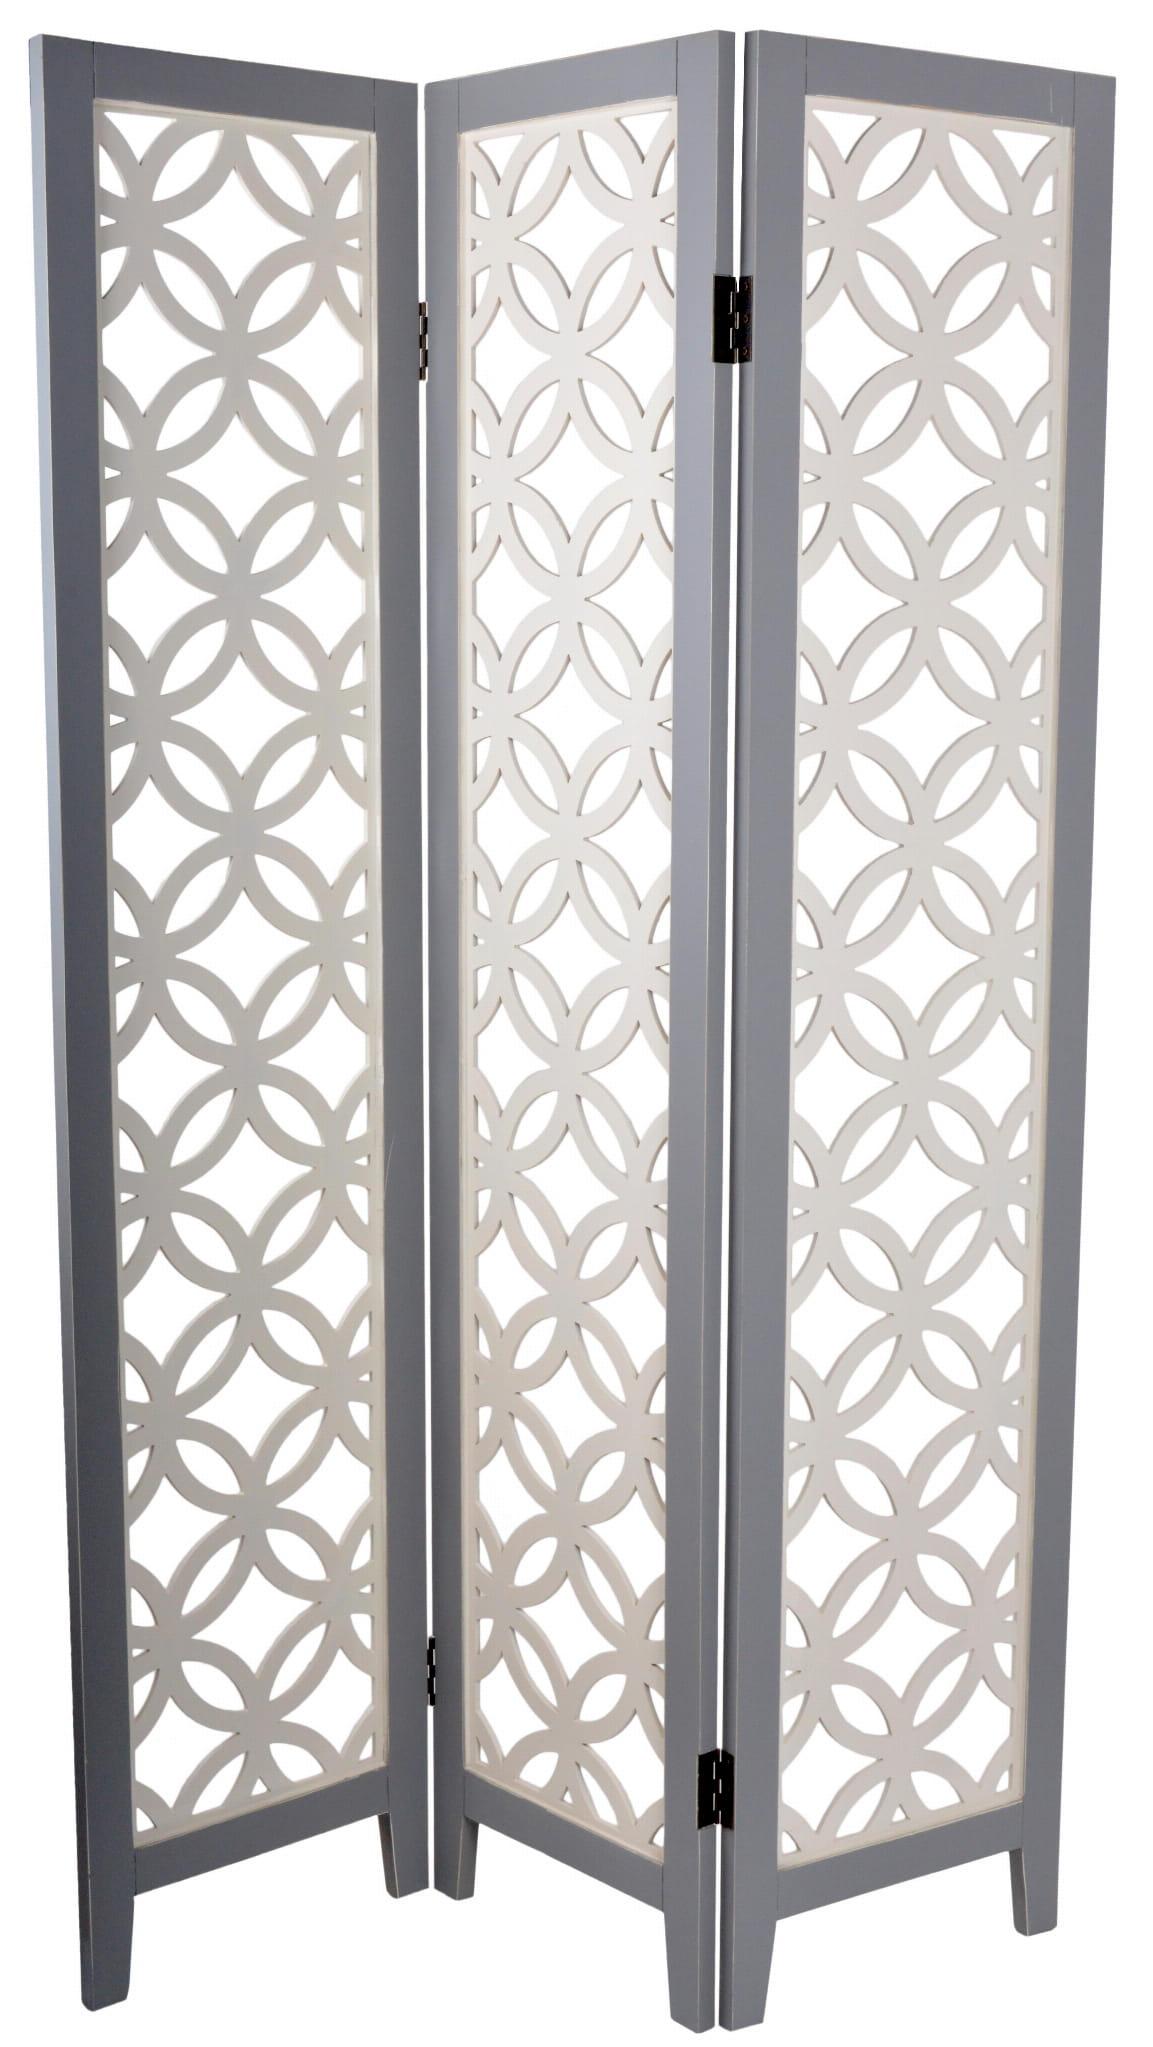 Parawan przecierany ażurowy szaro- biały 120x2,2x180 cm 22